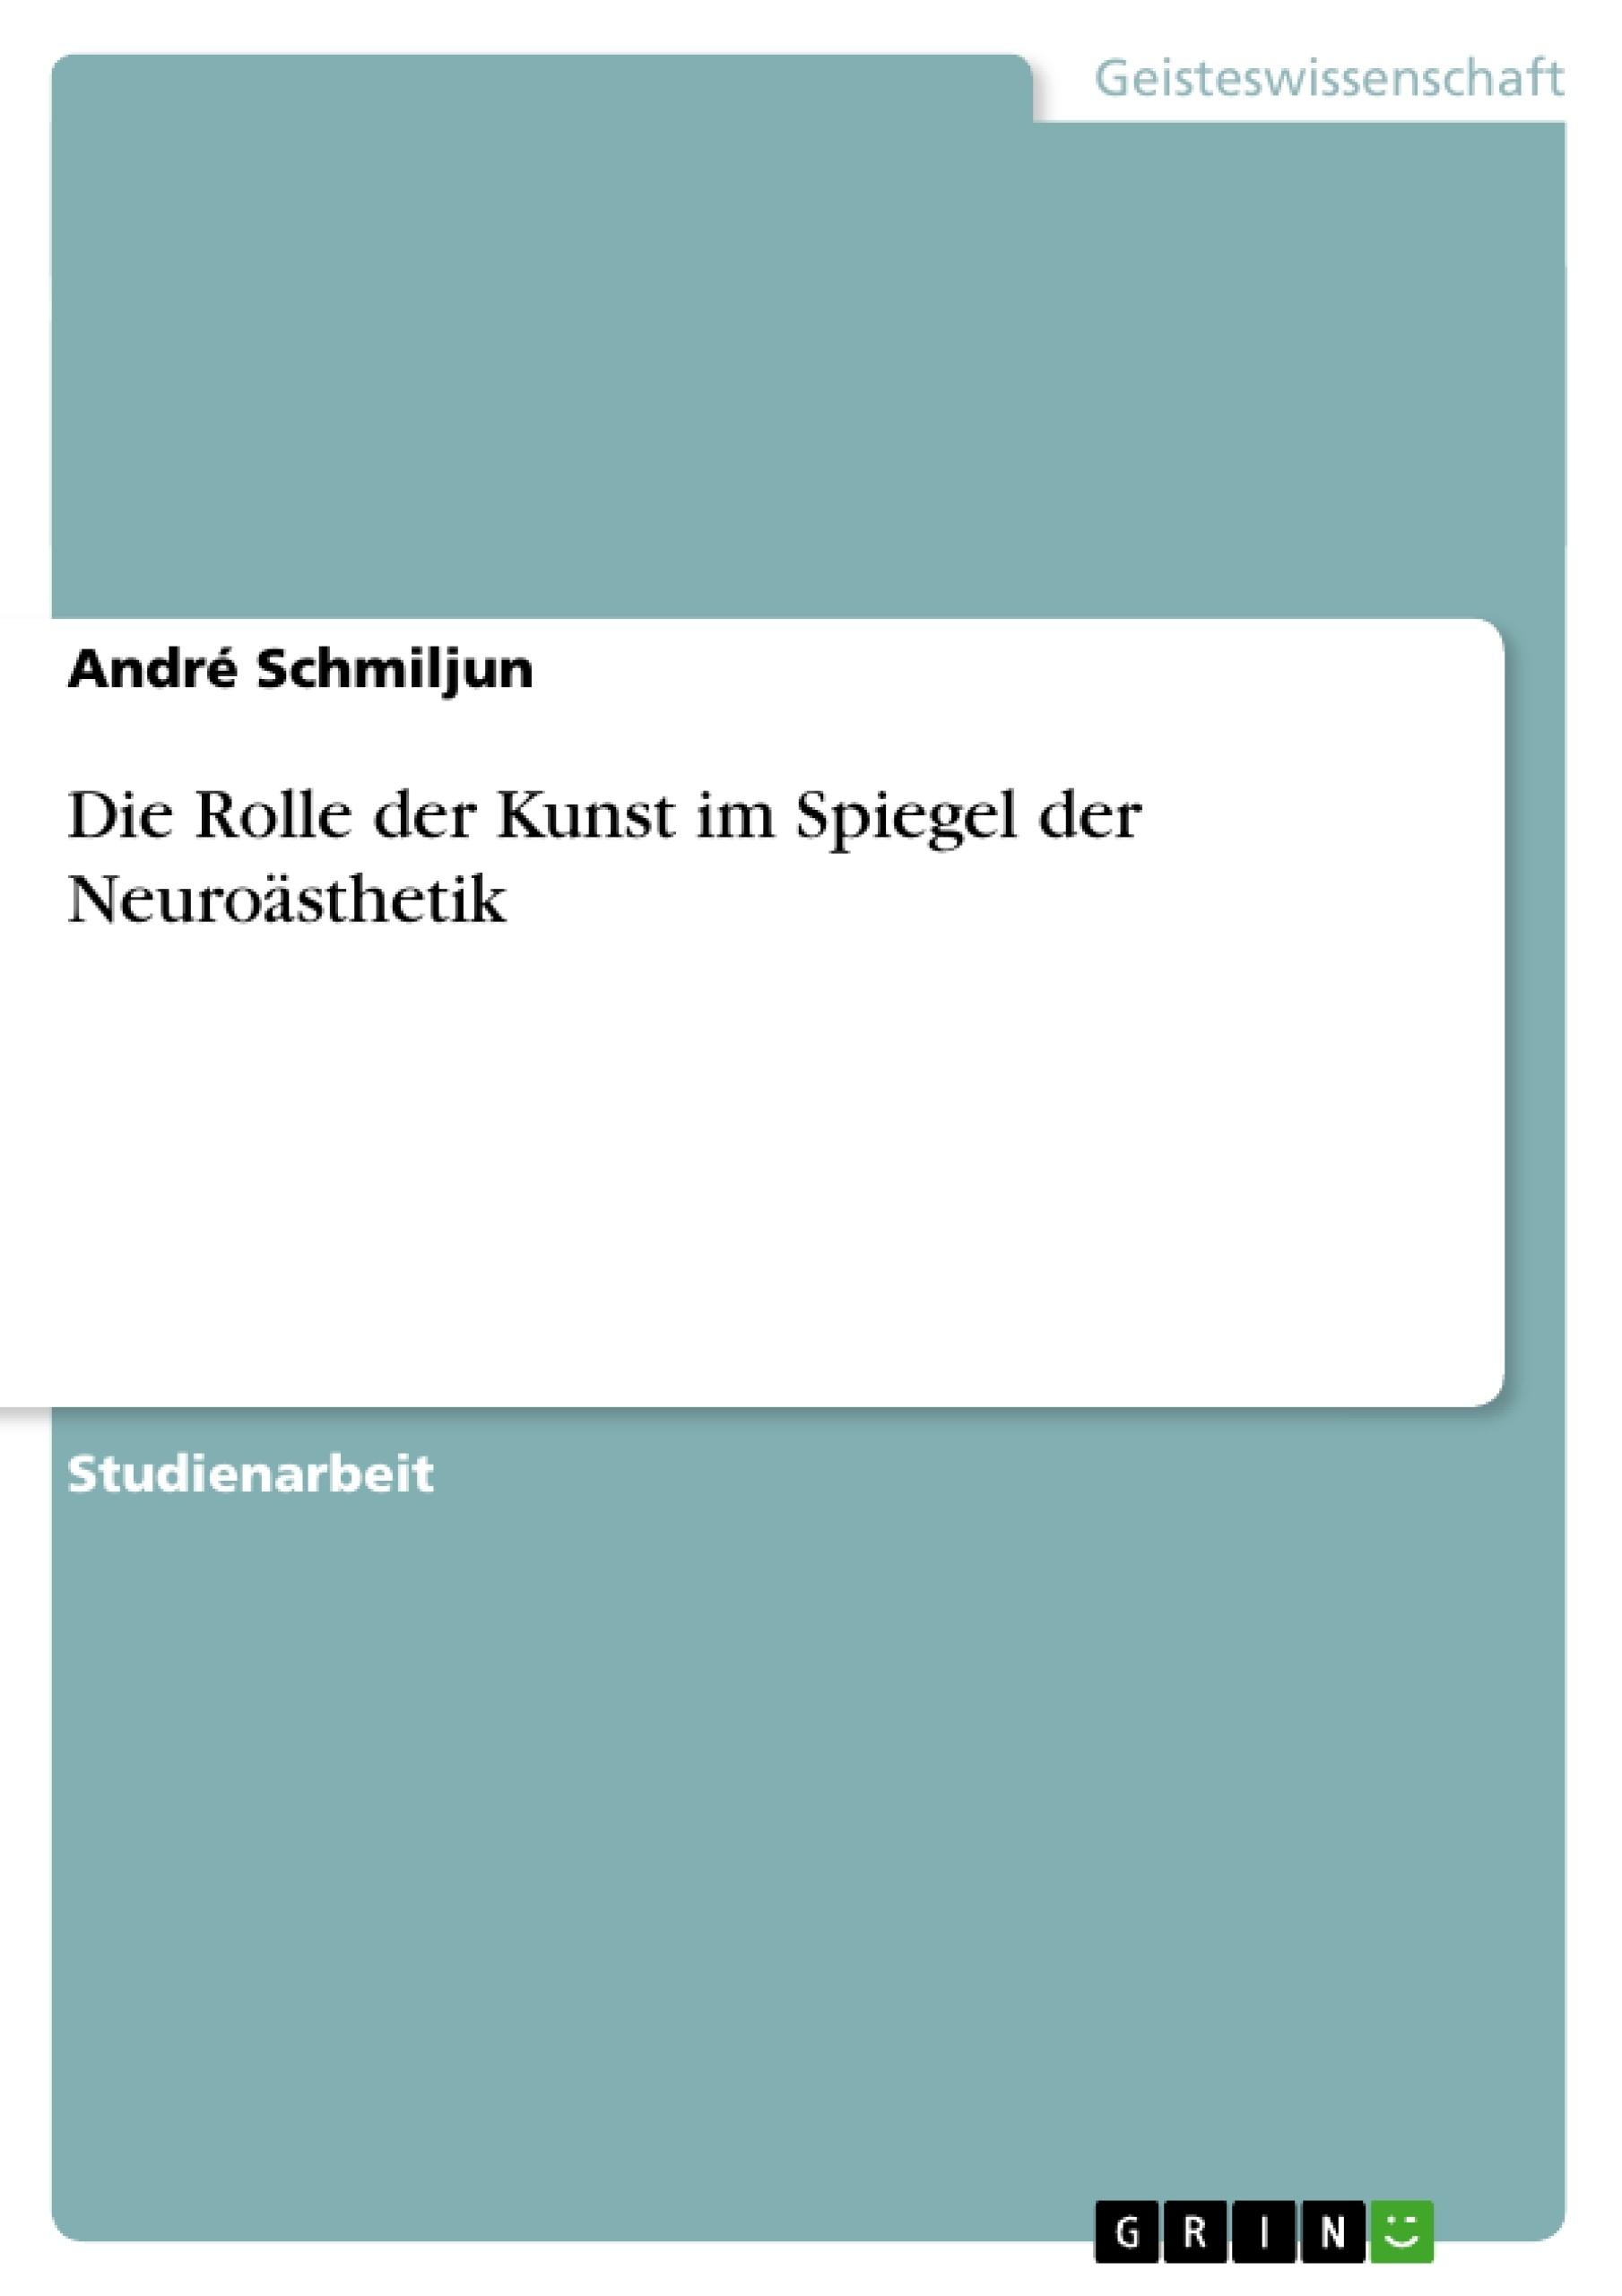 Titel: Die Rolle der Kunst im Spiegel der Neuroästhetik